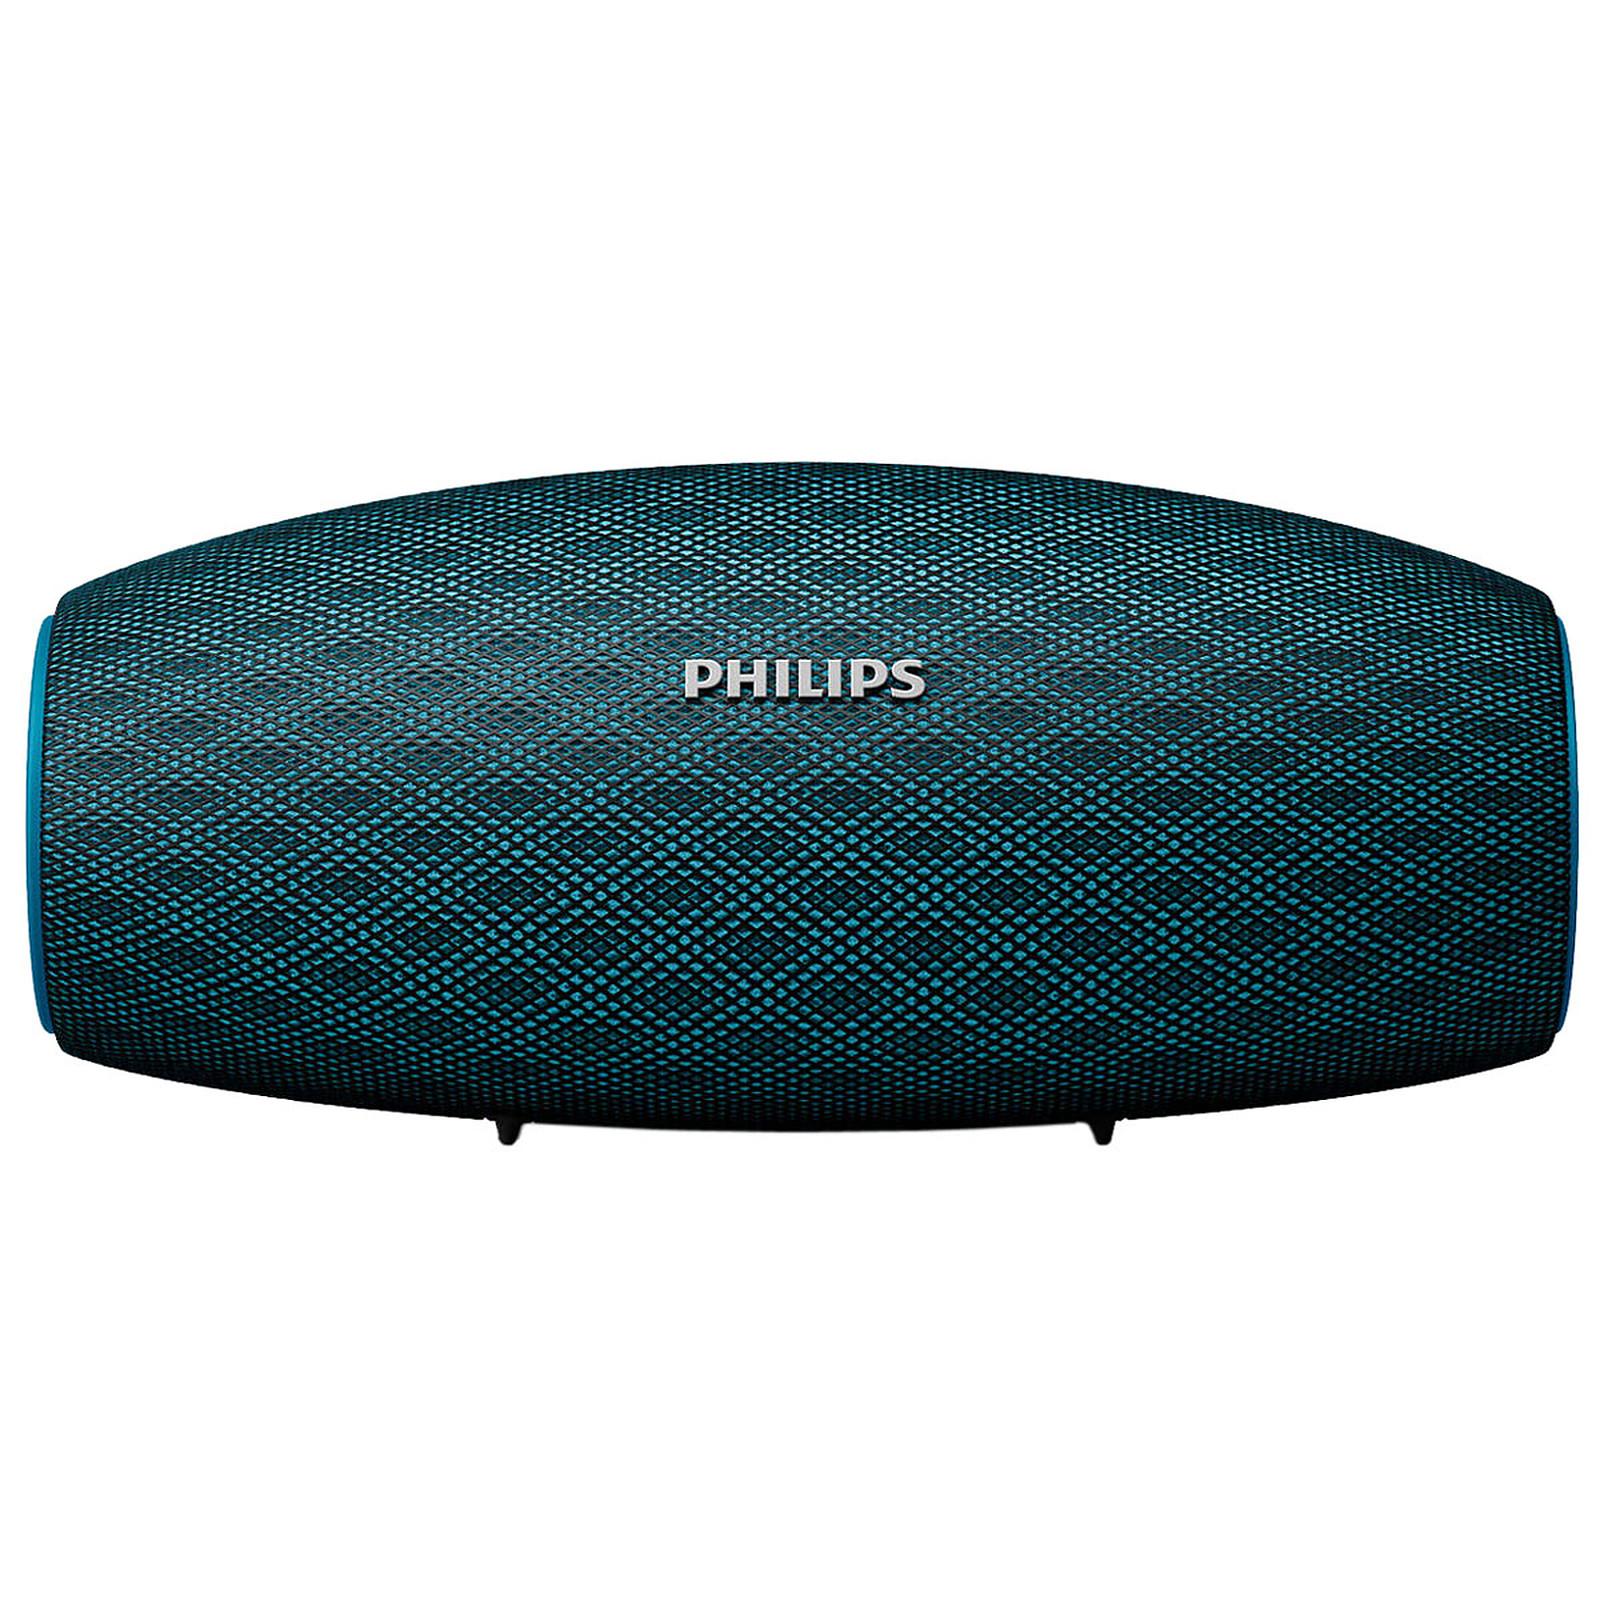 Philips BT6900 Bleu